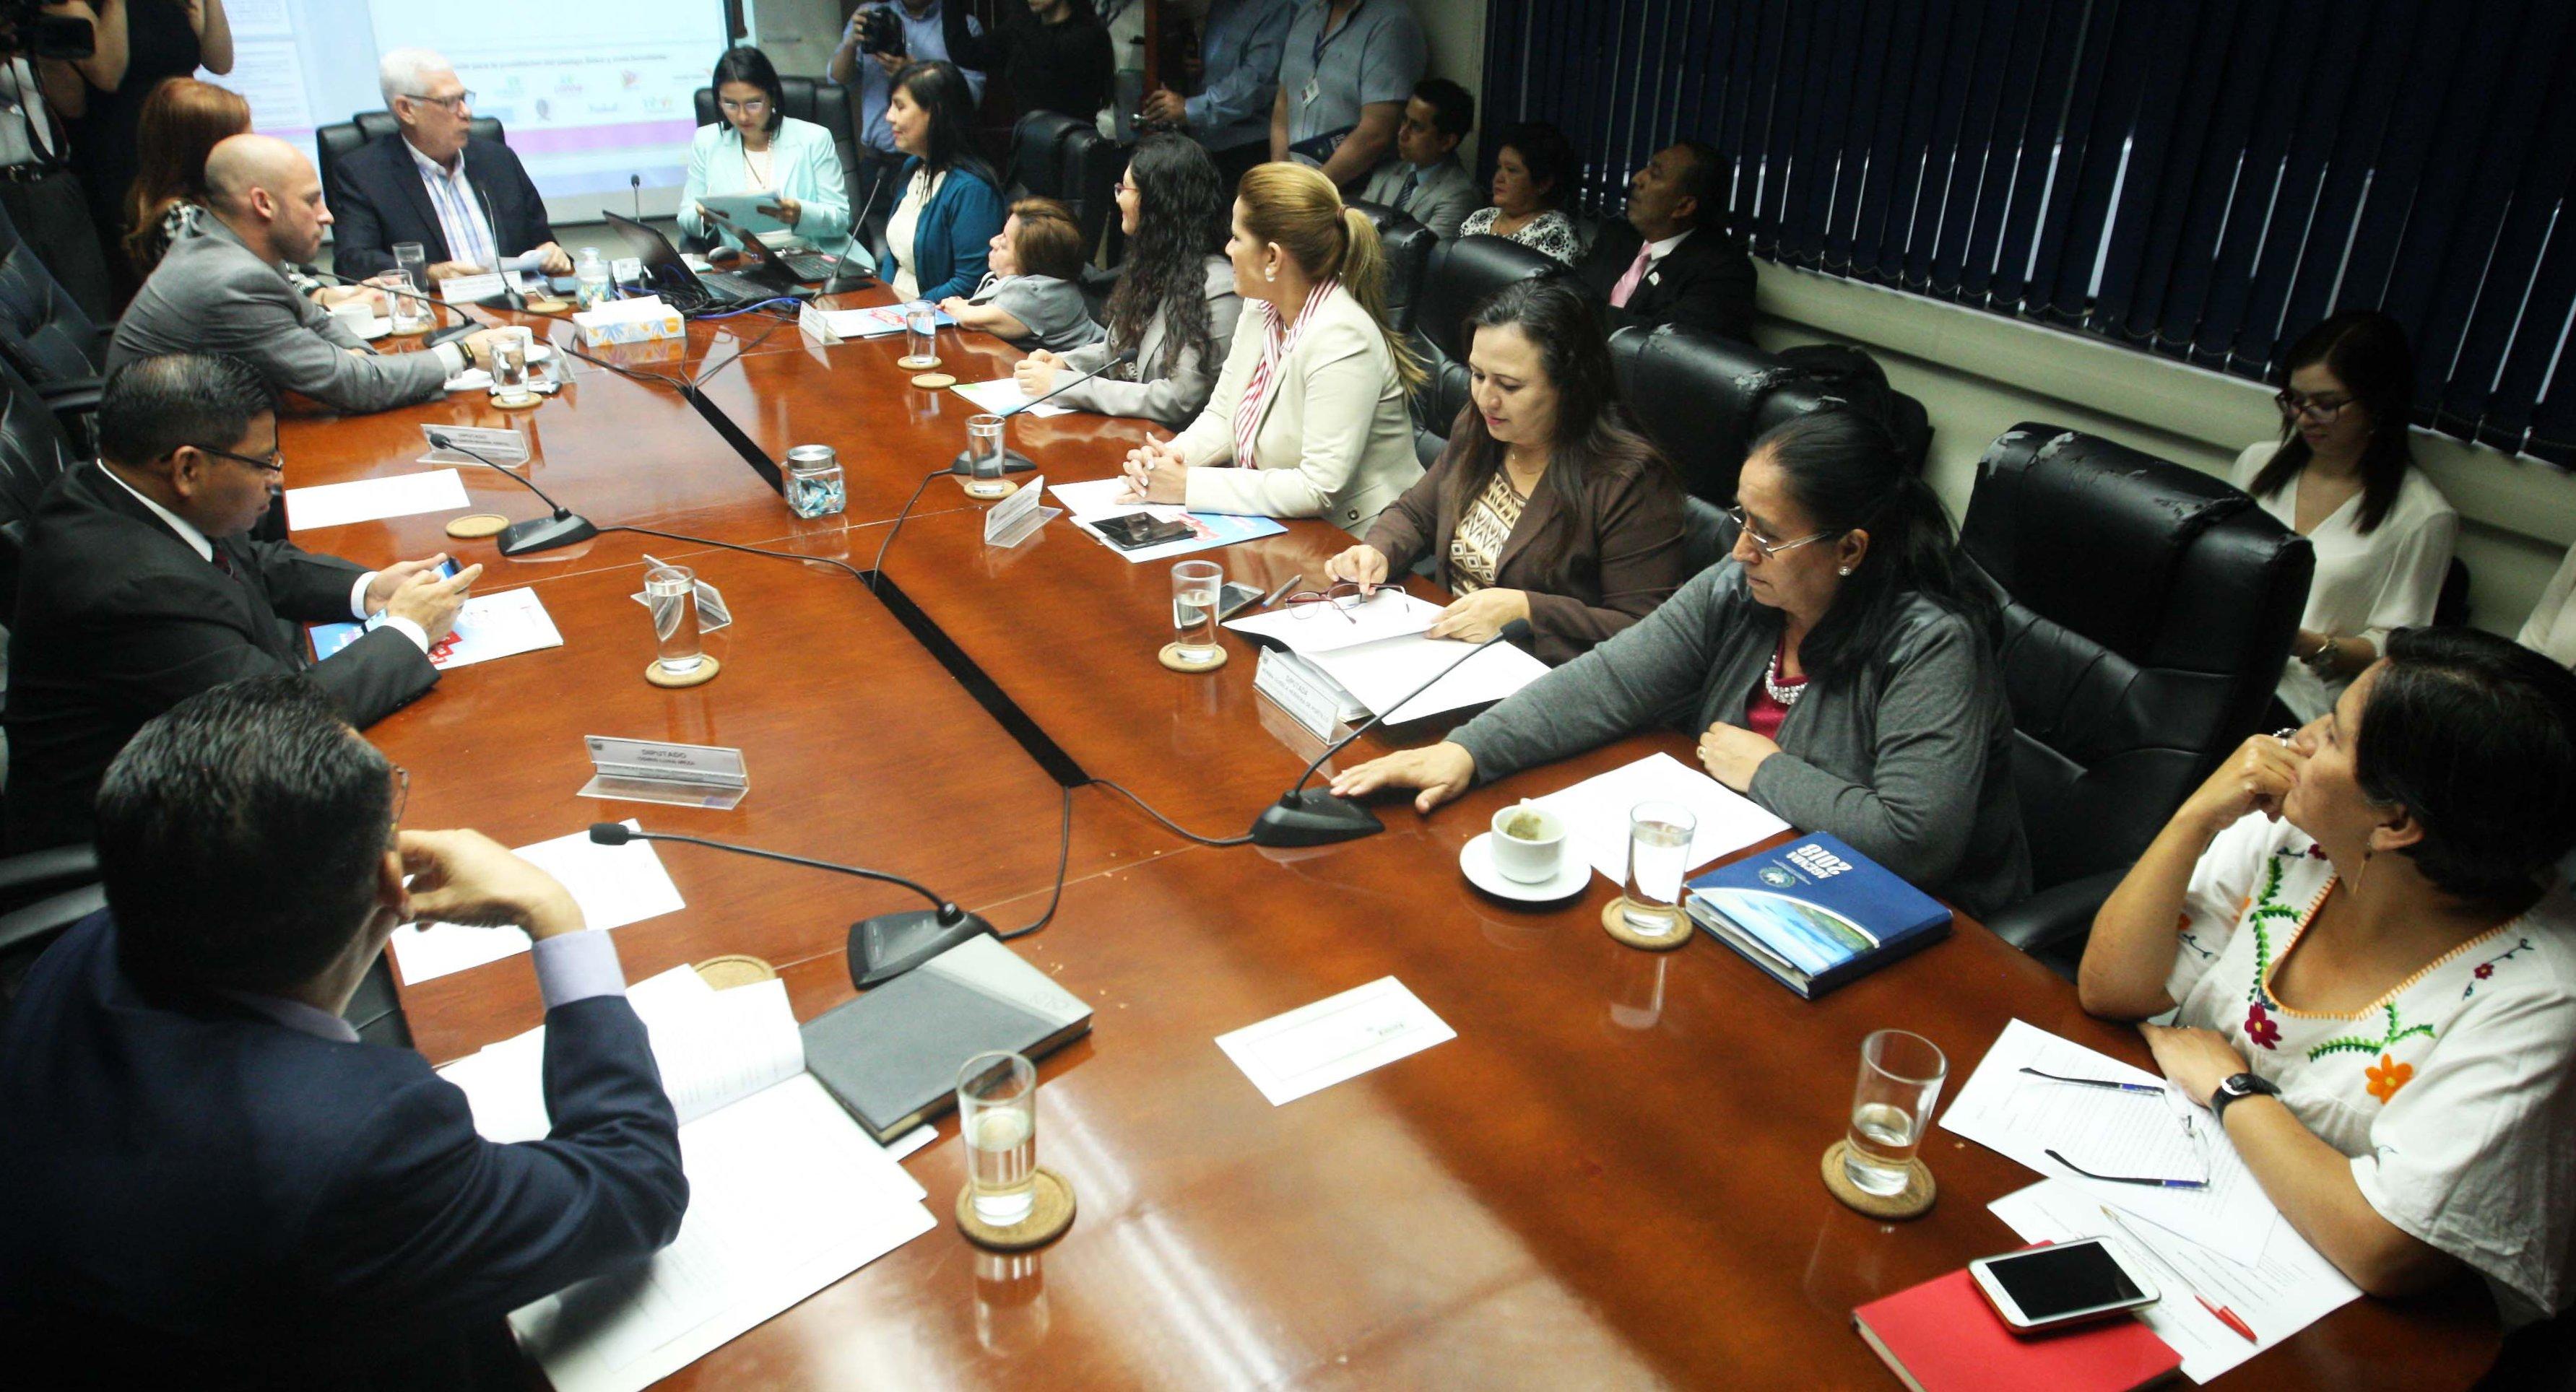 Intercambian opiniones sobre reforma a la LEPINA para prevenir el castigo físico en niños